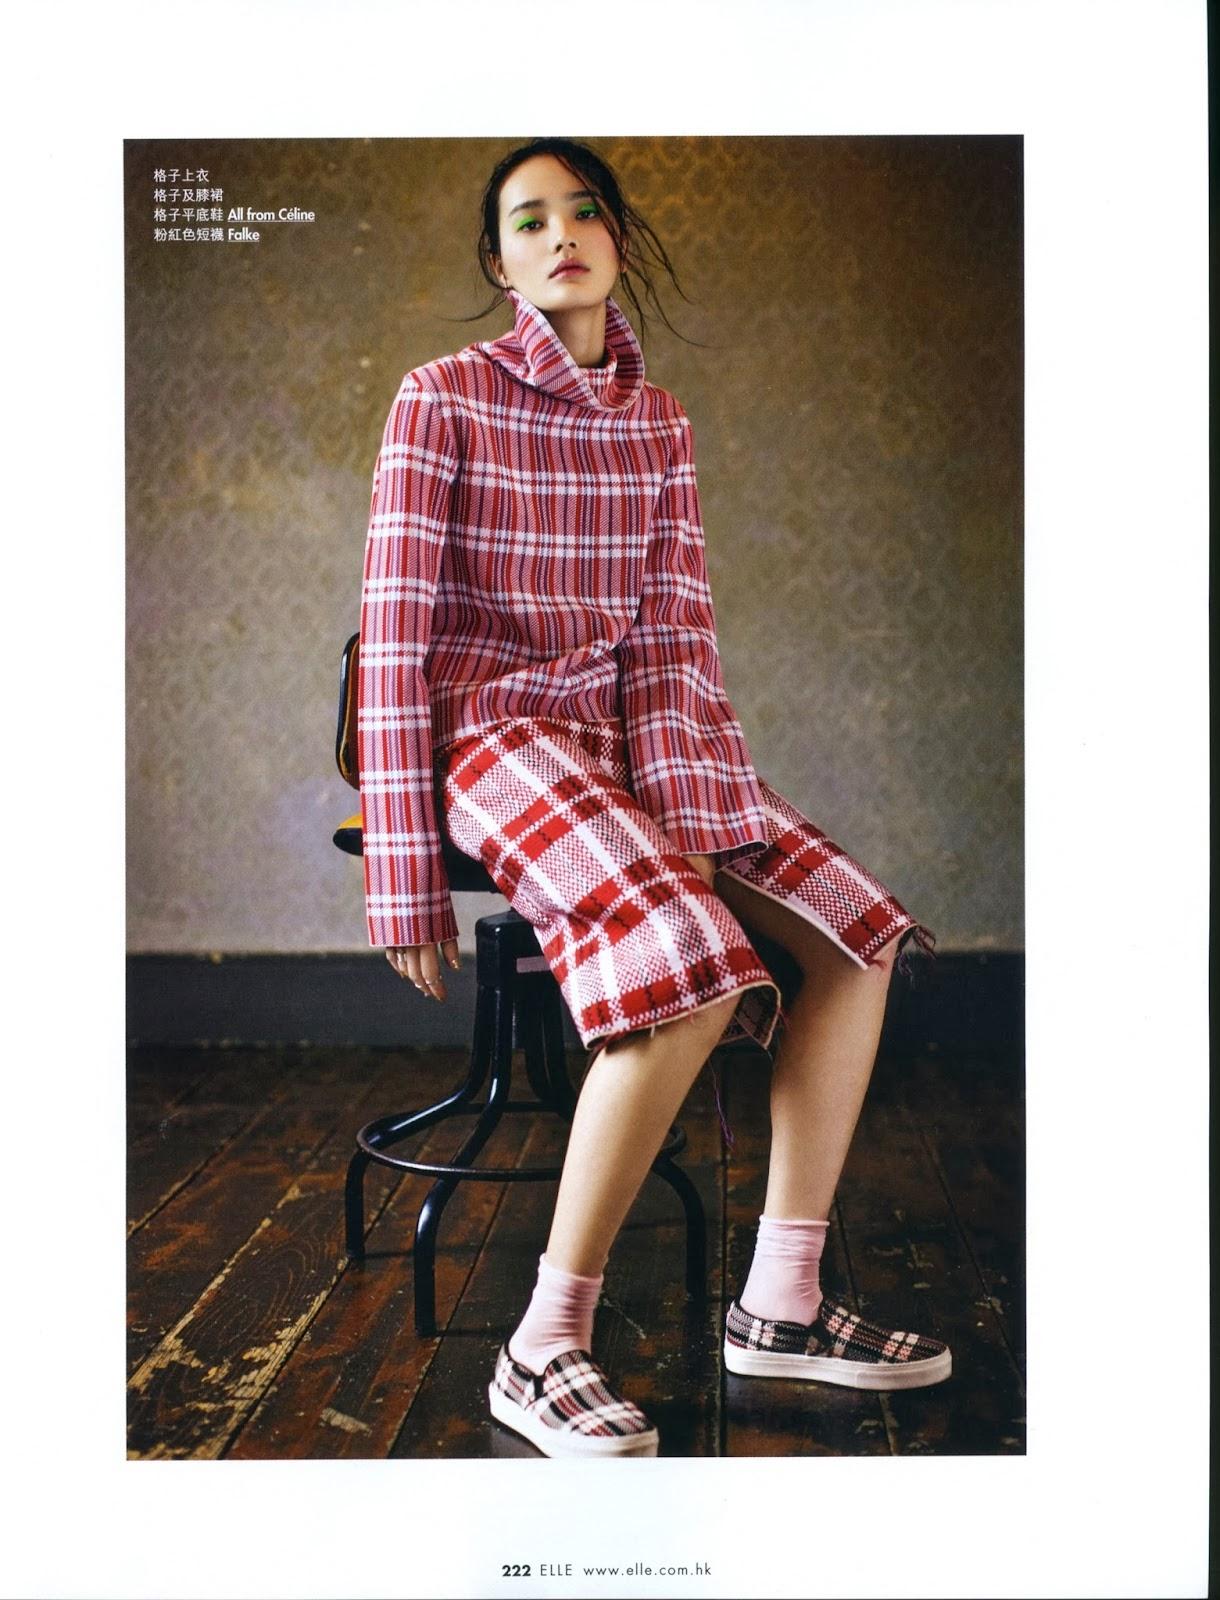 Magazine Photoshoot : Li Wei Photoshot For Elle Magazine Hong Kong February 2014 Issue